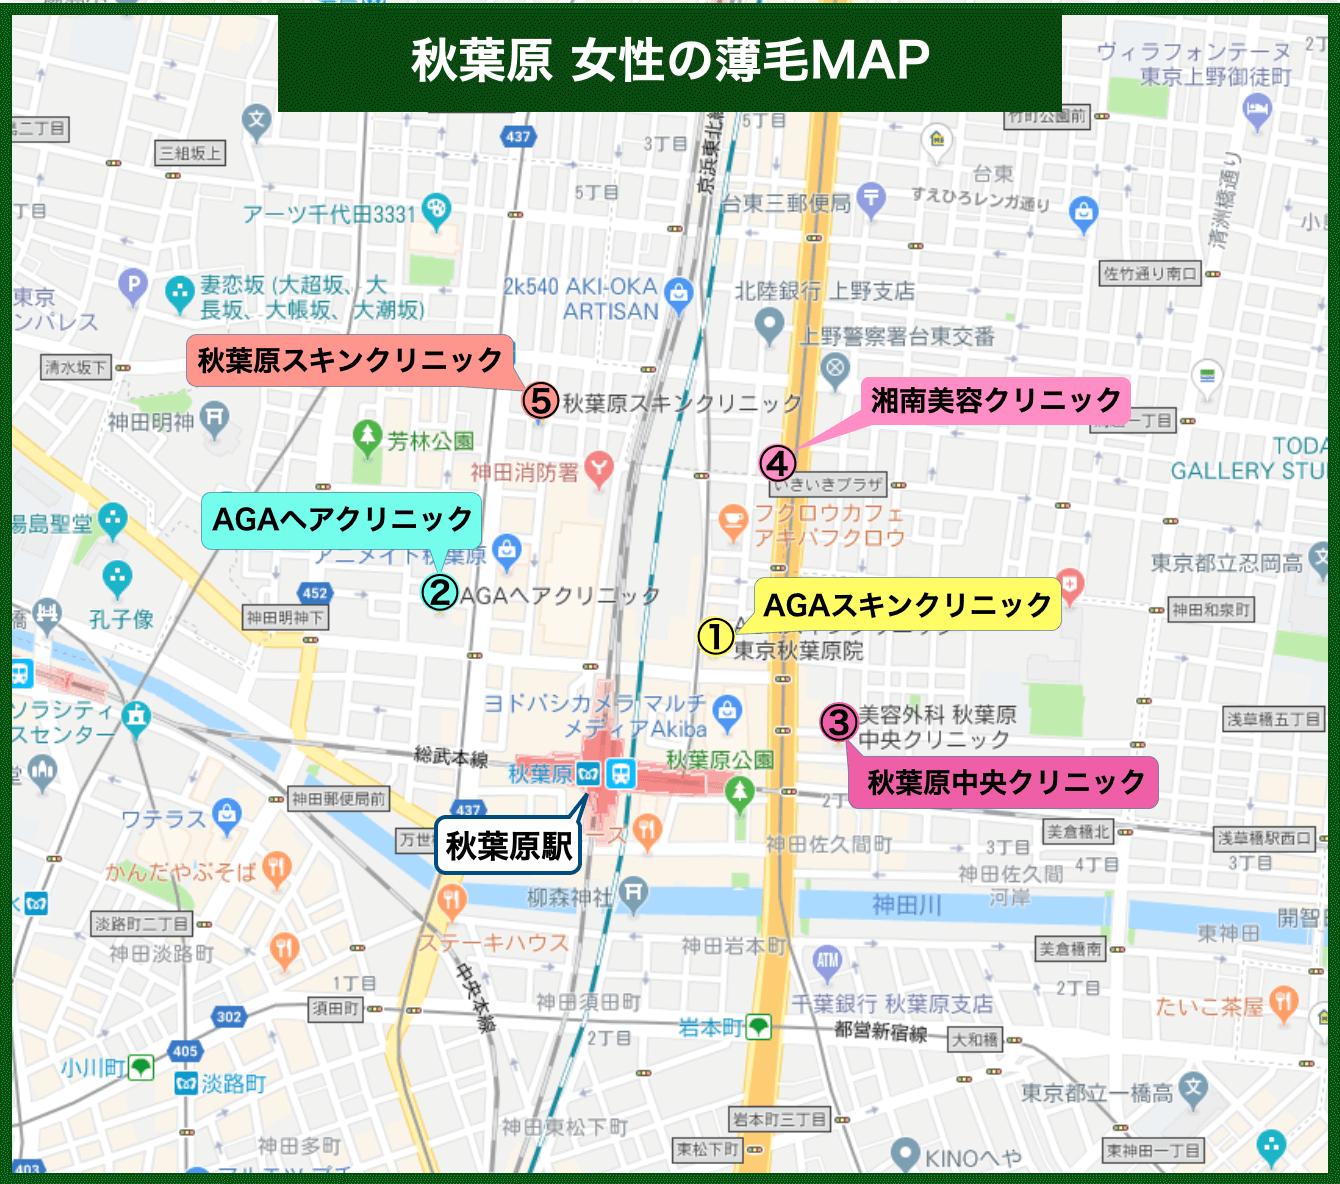 秋葉原 女性の薄毛MAP